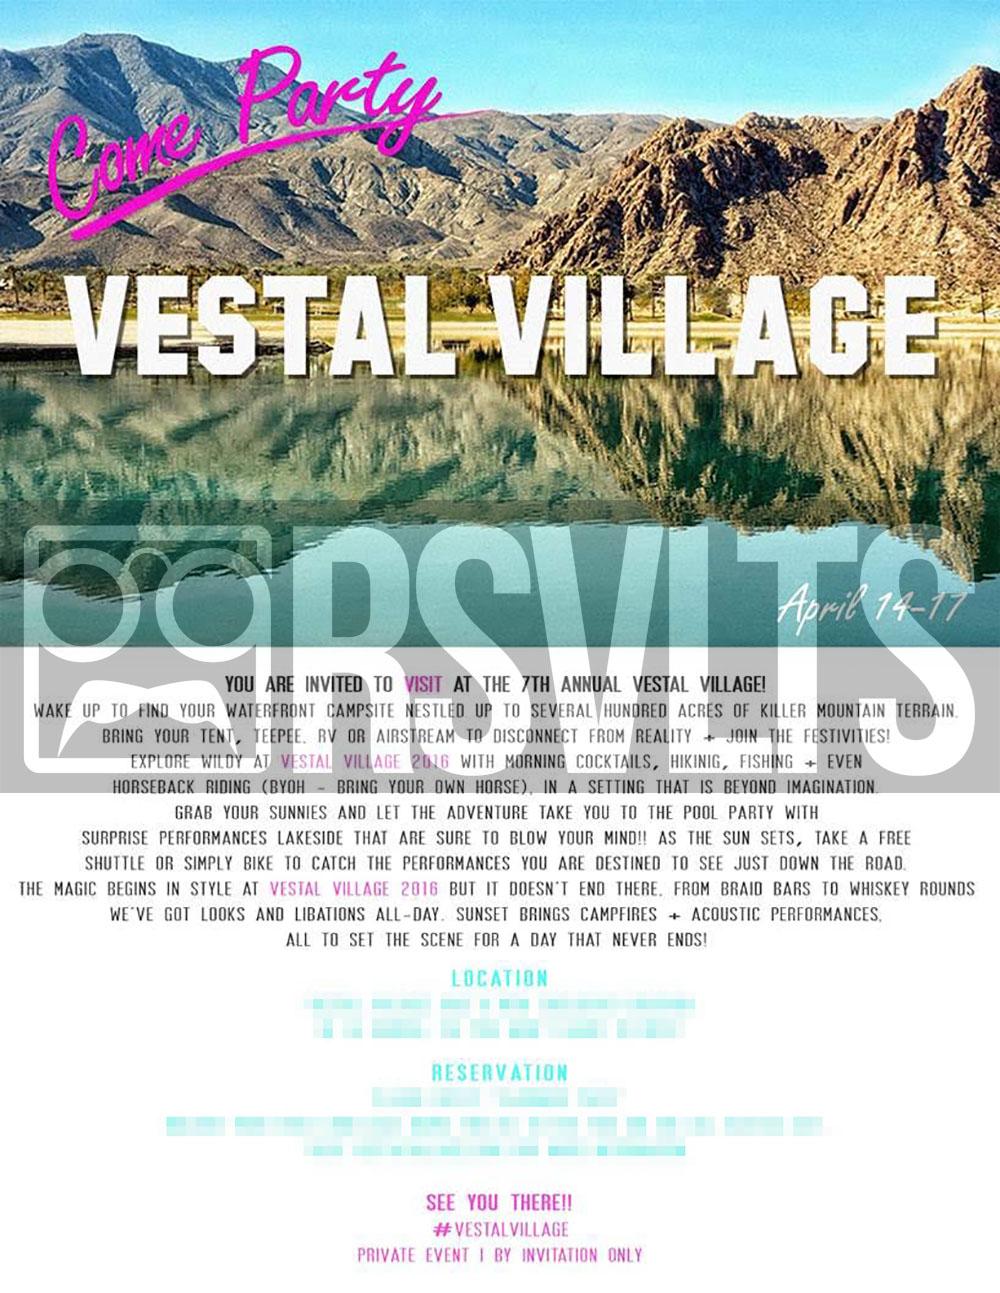 Vestal Village 2016 Coachella